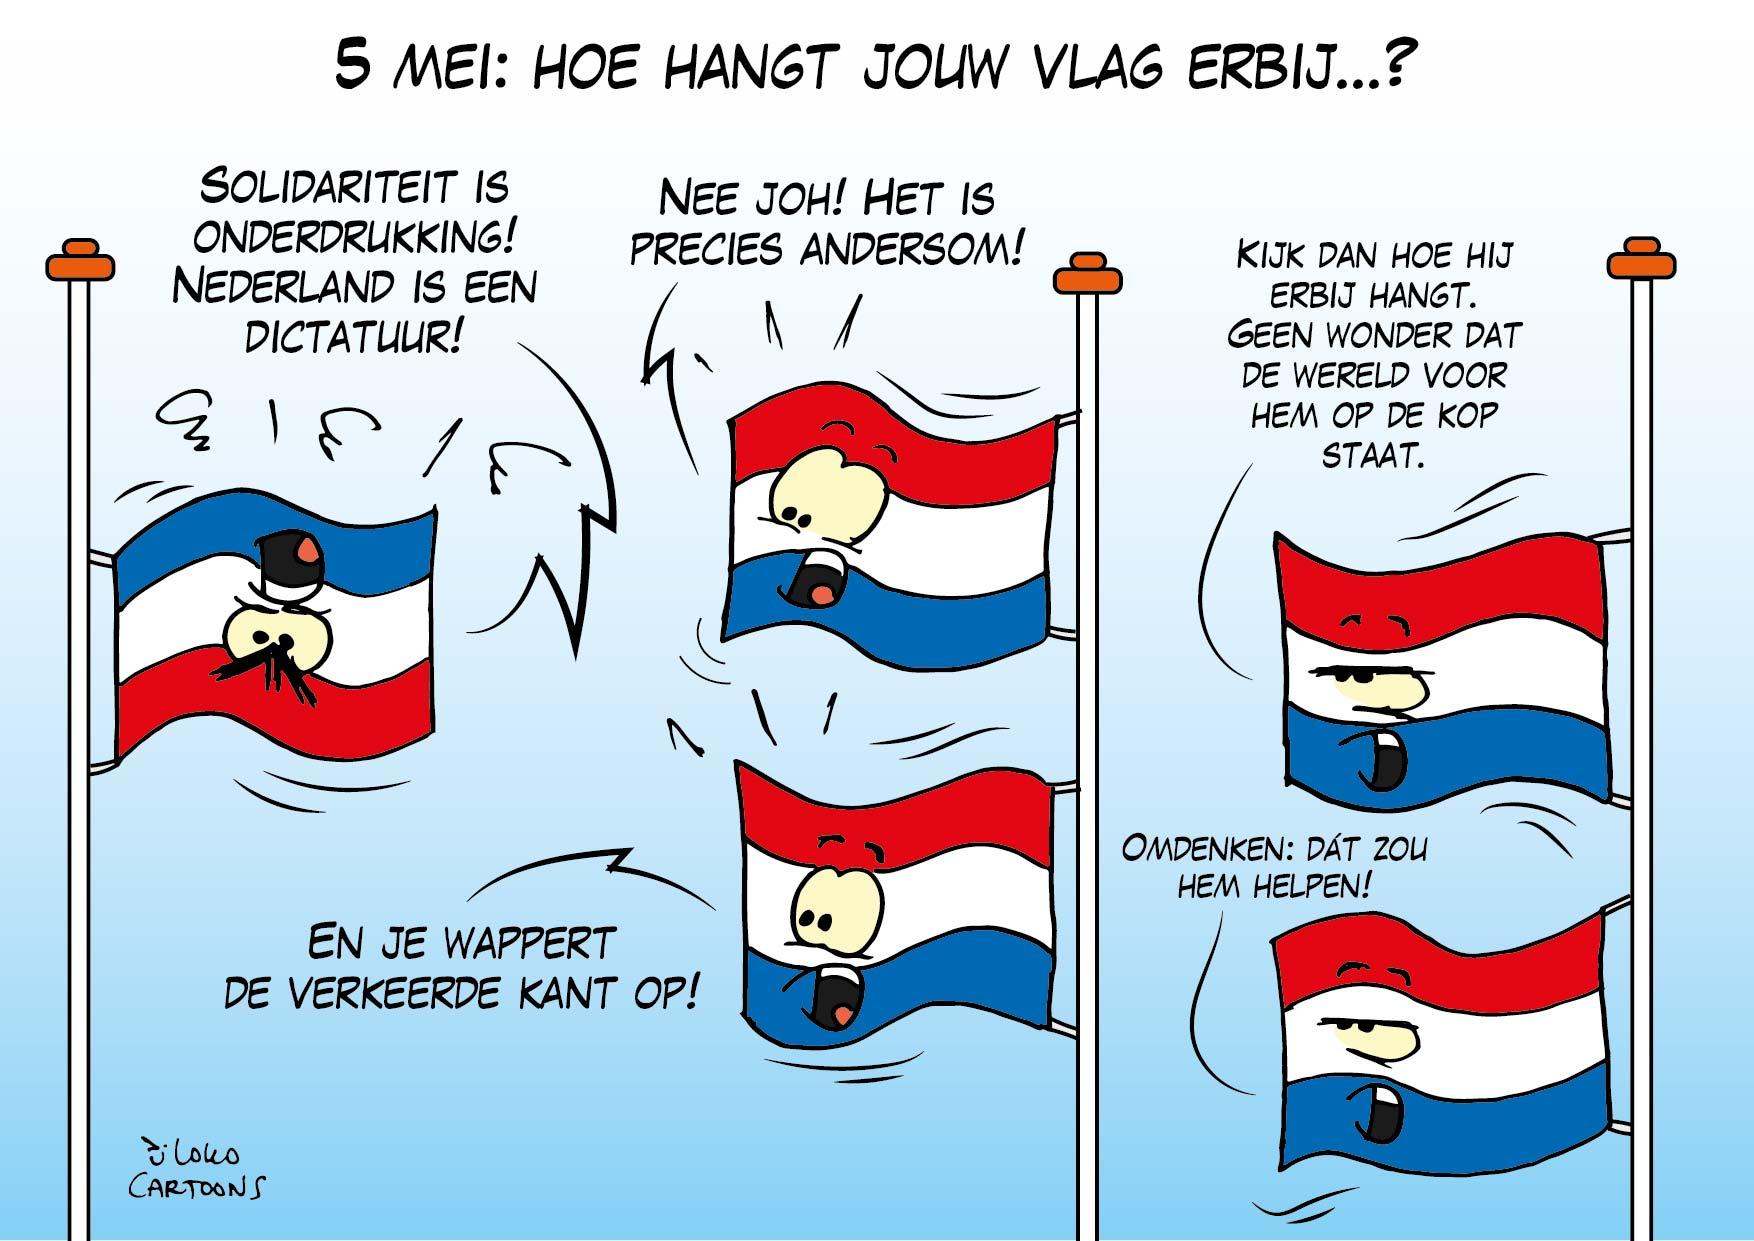 5 Mei: hoe hangt jouw vlag erbij…?